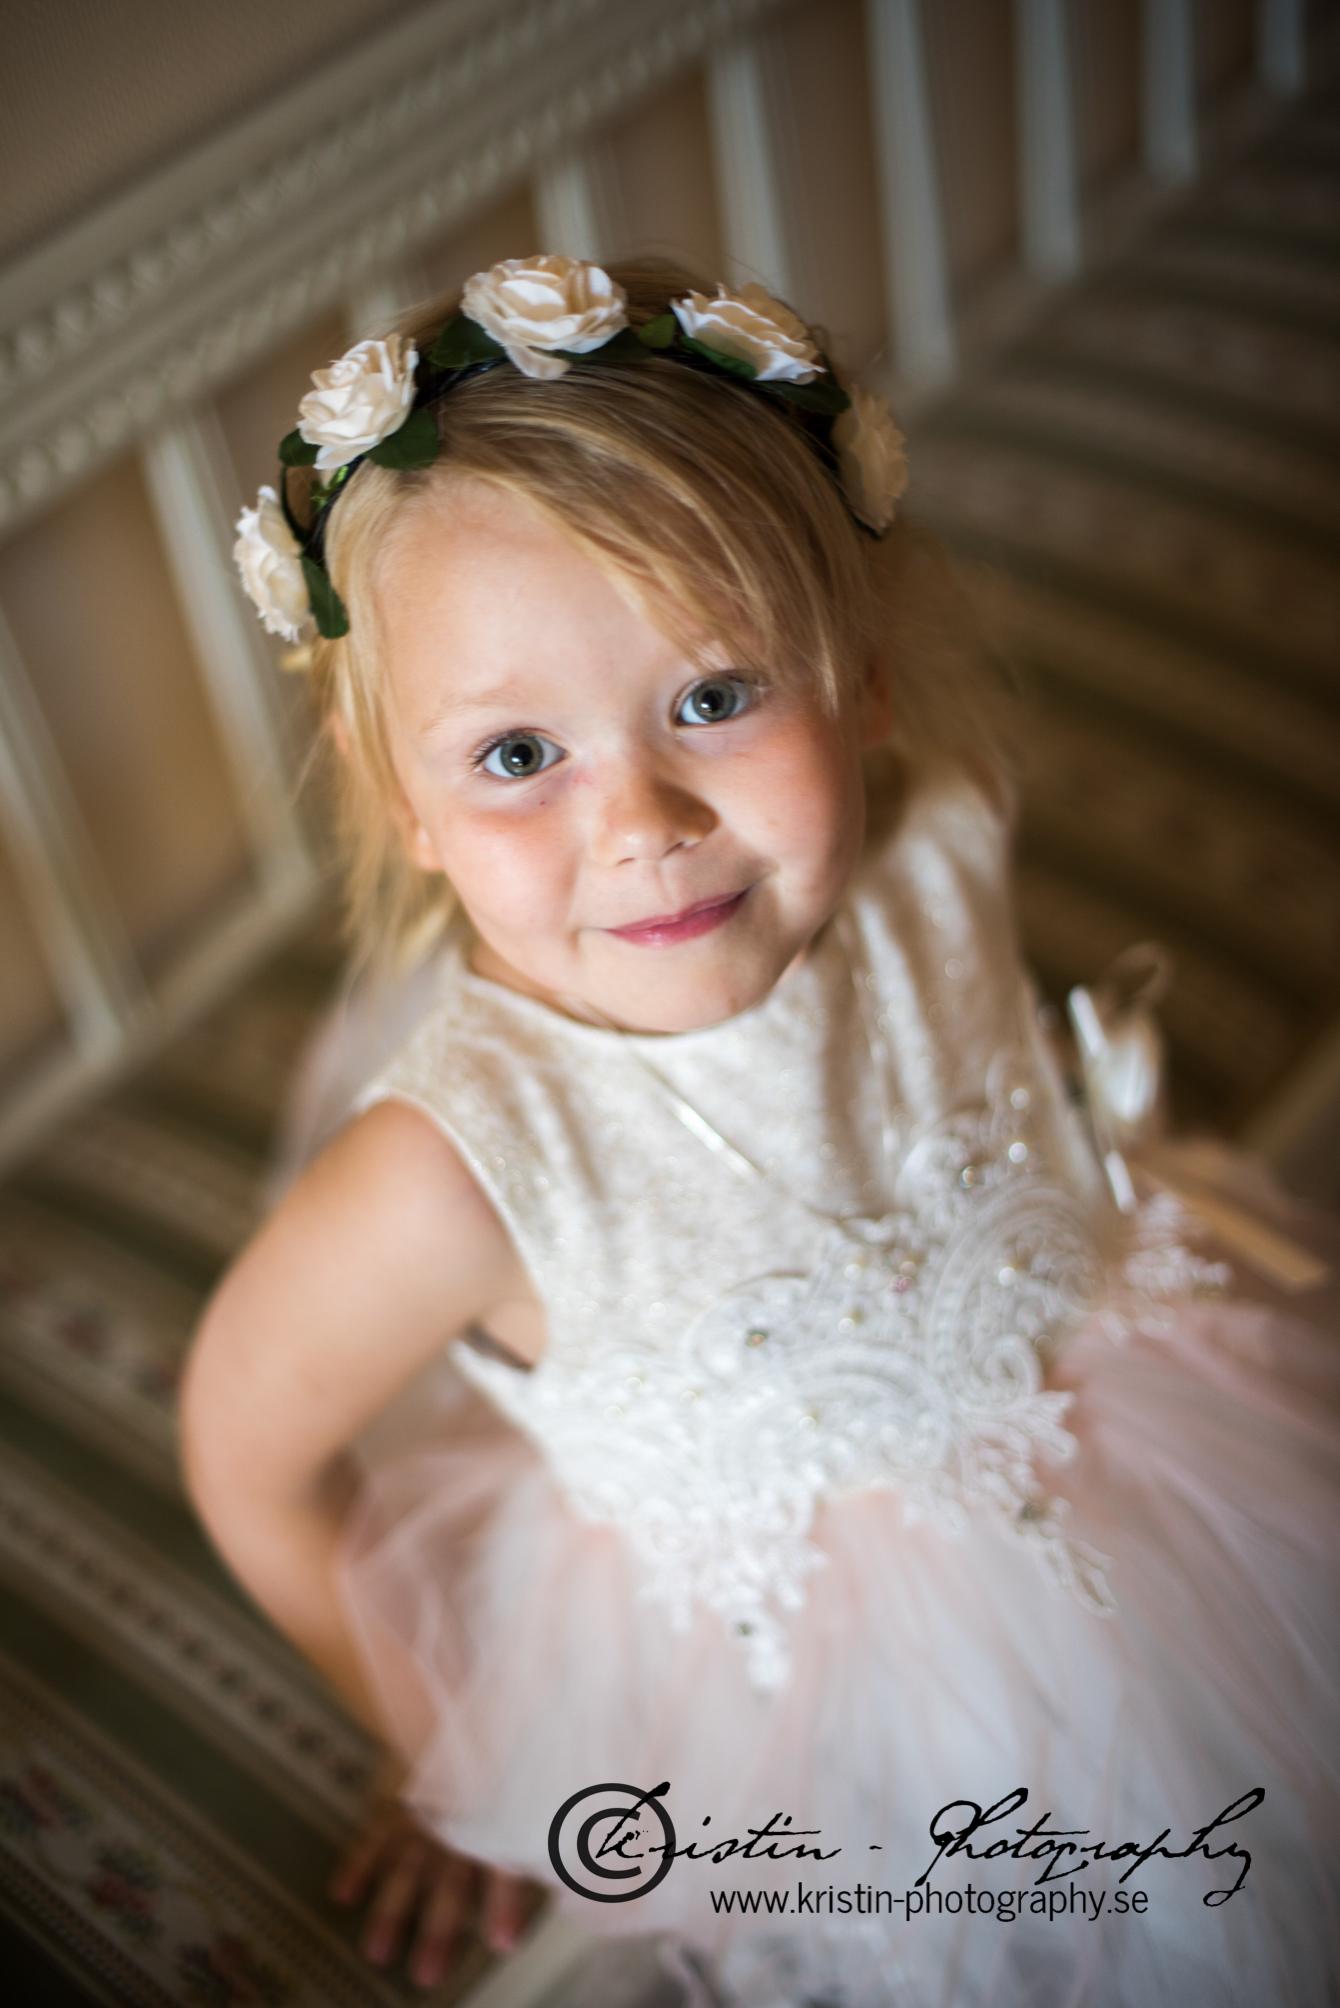 Bröllopsfotograf i Eskilstuna, Kristin - Photography, weddingphotographer -83.jpg